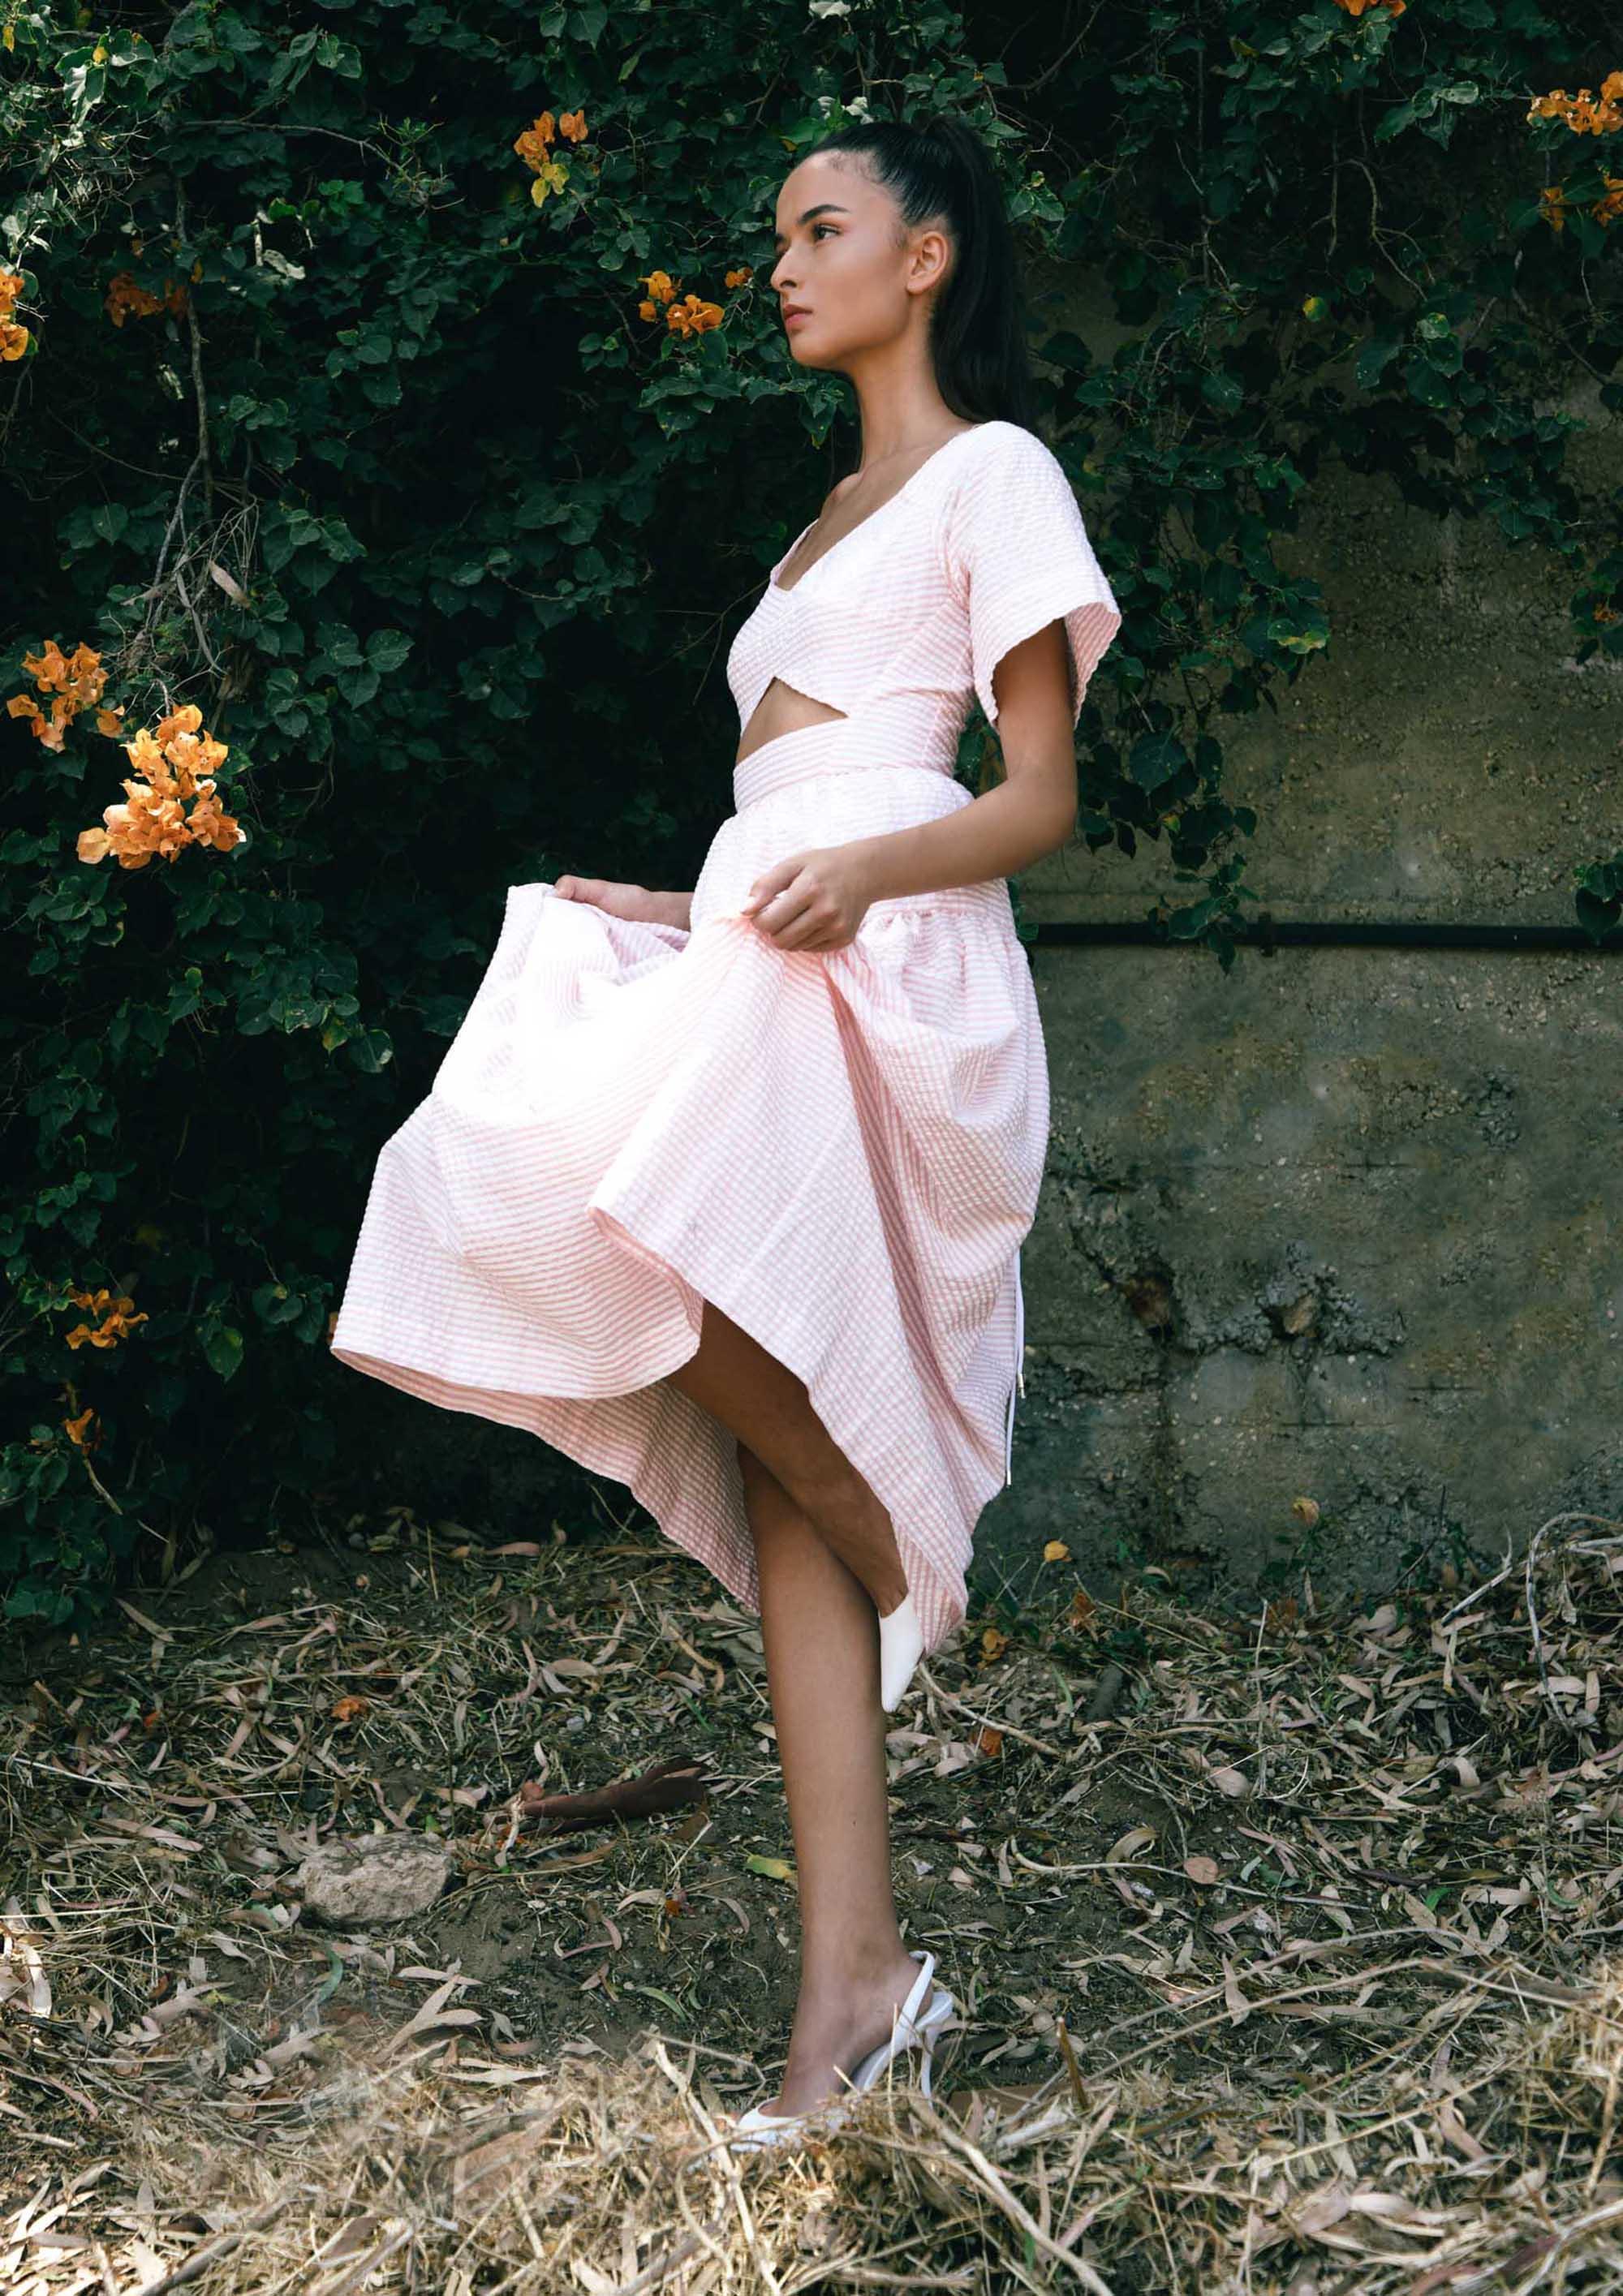 אופנה, Fashion Academy: סטיילינג: Liron Dishel Stylementor, צילום Dana Lavie, איפור ועיצוב שיער Tal Lavie, דוגמנית: Benhai Marie ל-Yuli Models, מגזין אופנה -8